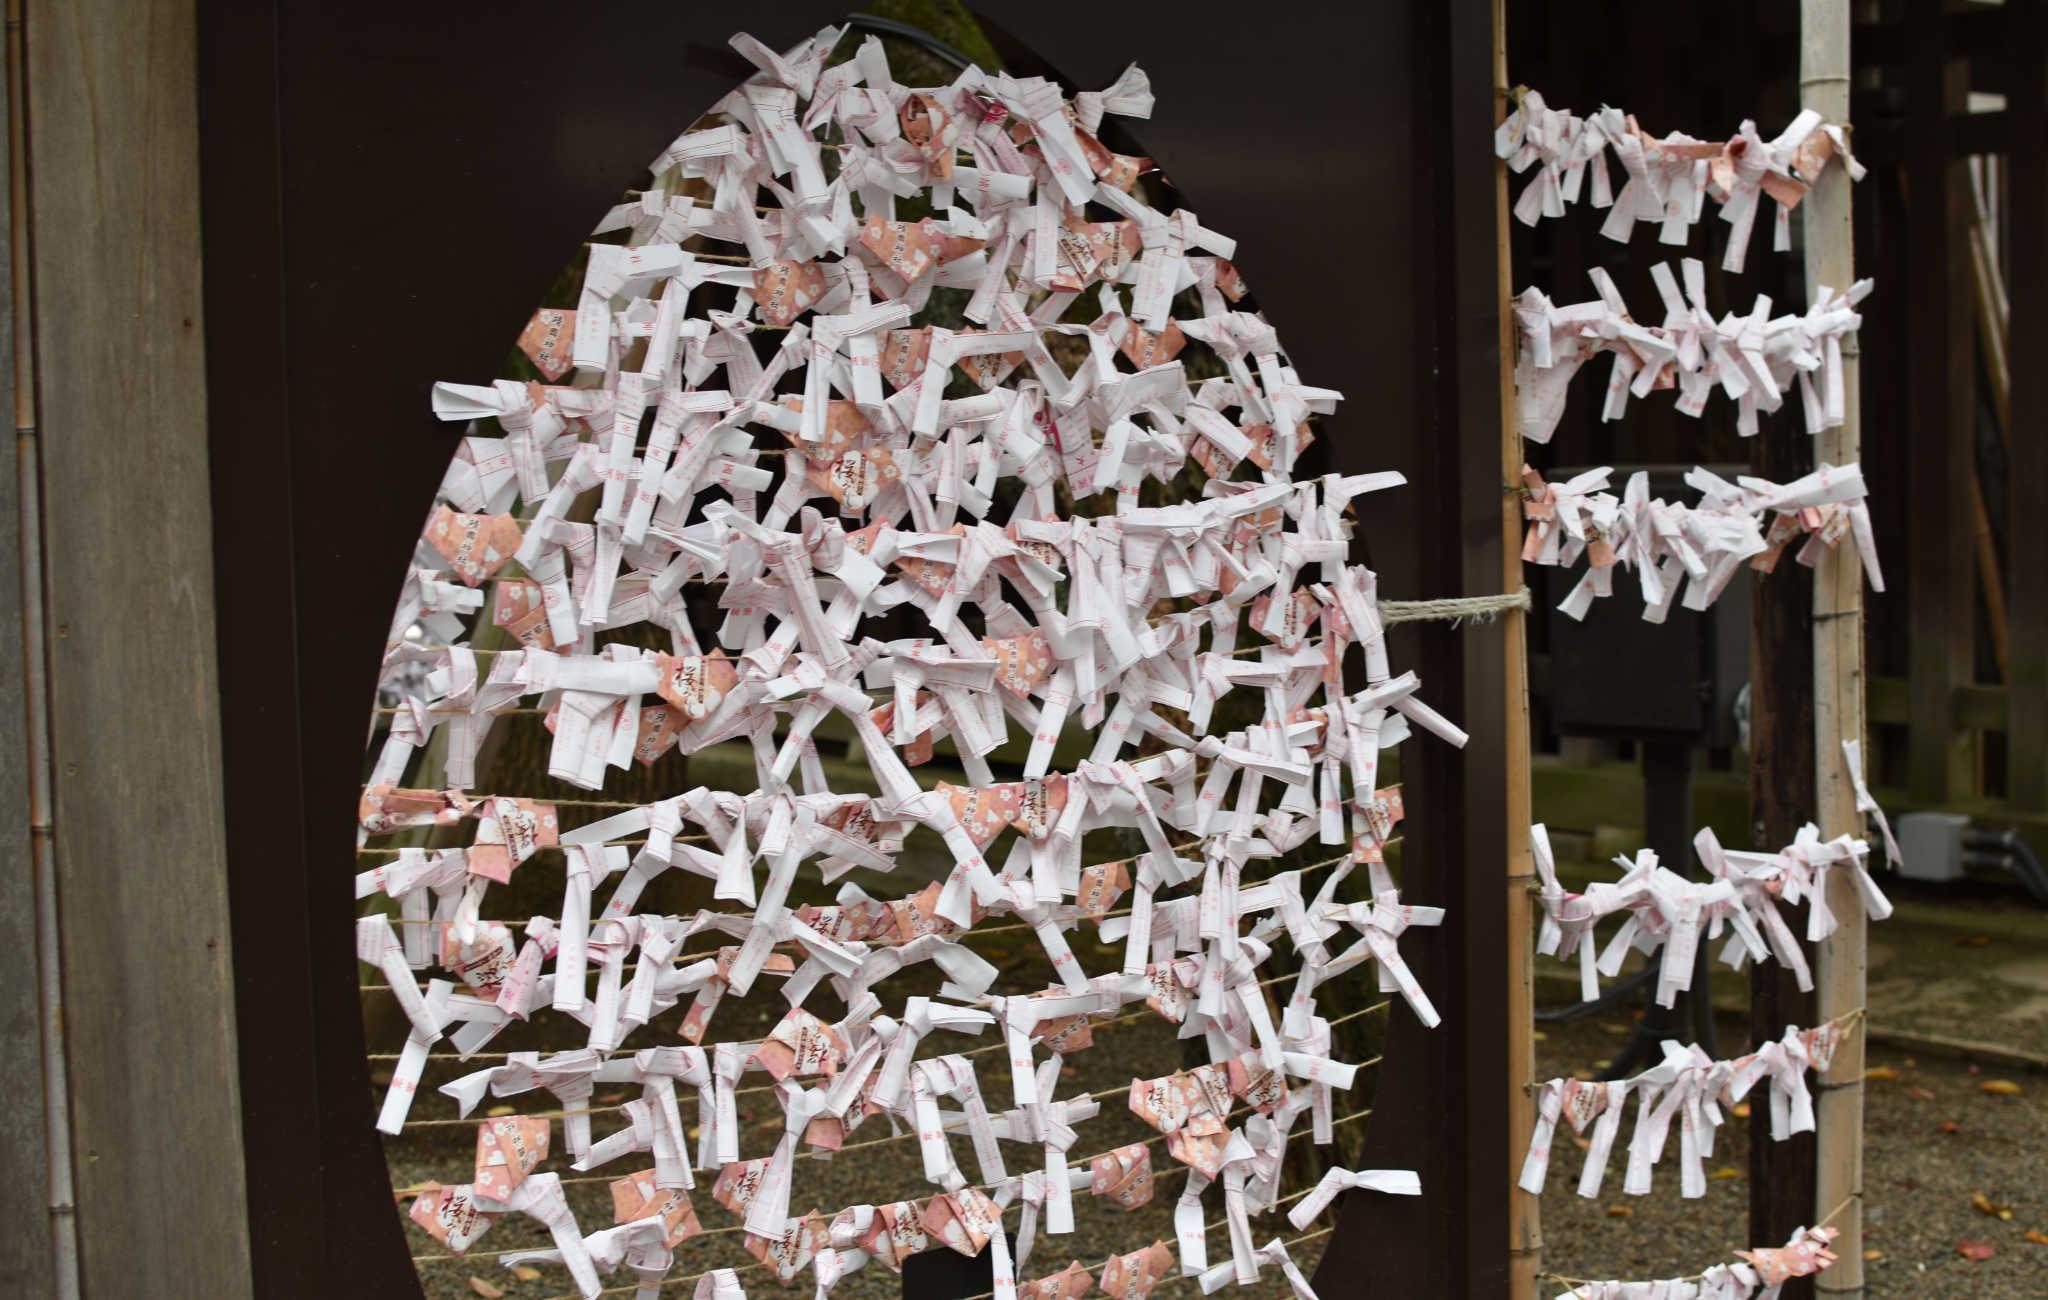 Les petits morceaux de papier sont pliés et noués sur des fils pour conjurer le mauvais présage